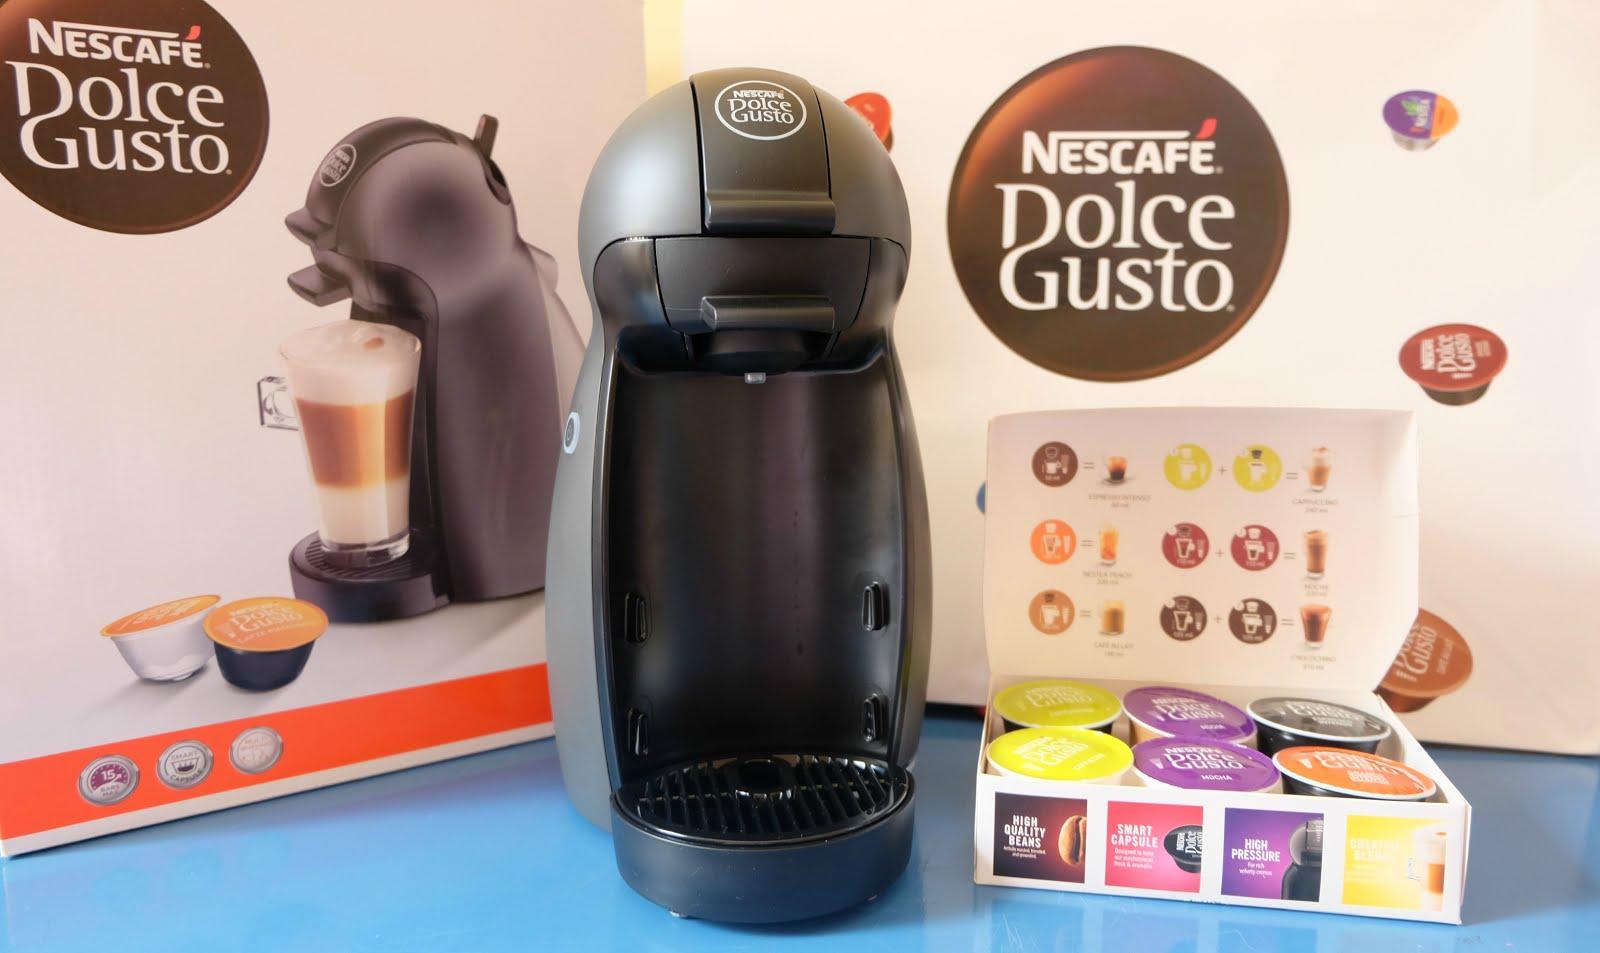 Review Alat Kopi Nescafe Dolce Gusto